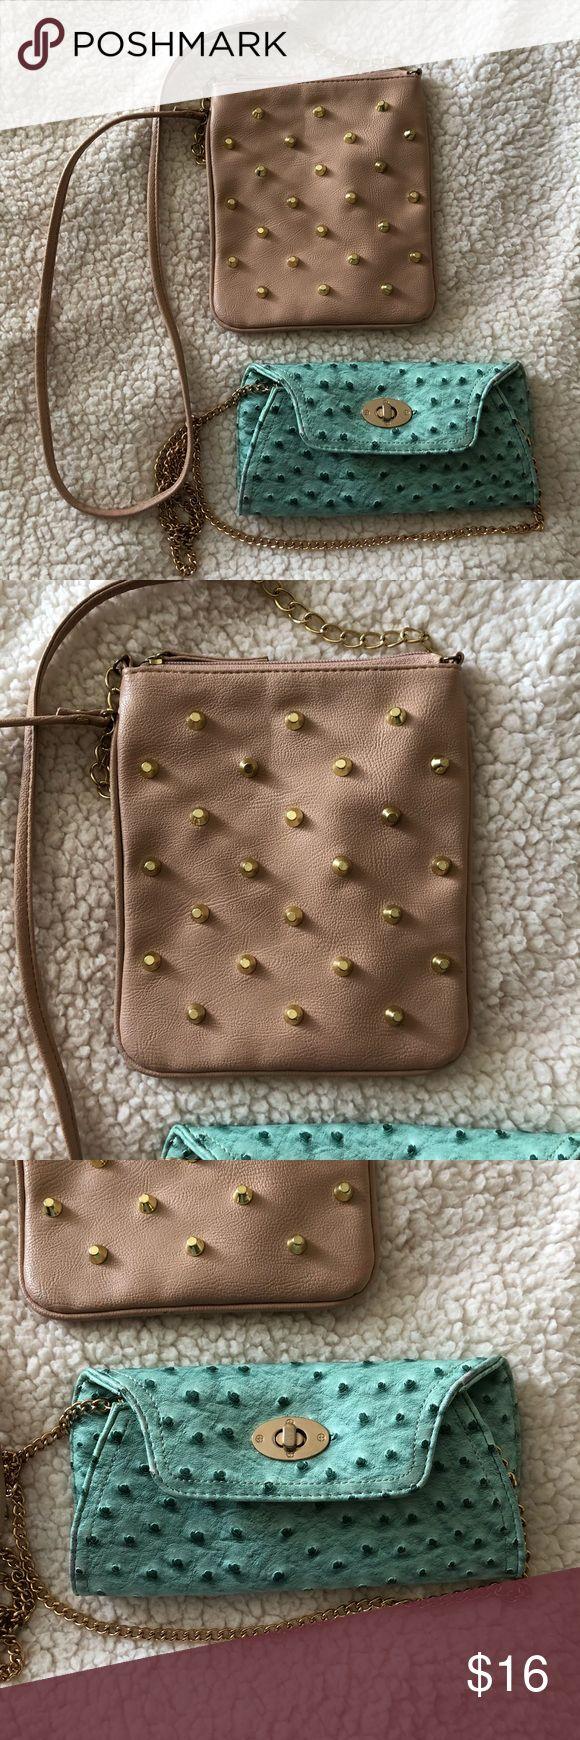 2 Charlotte Russe Crossbody Bags Cute Crossbody bags Charlotte Russe Bags Crossbody Bags